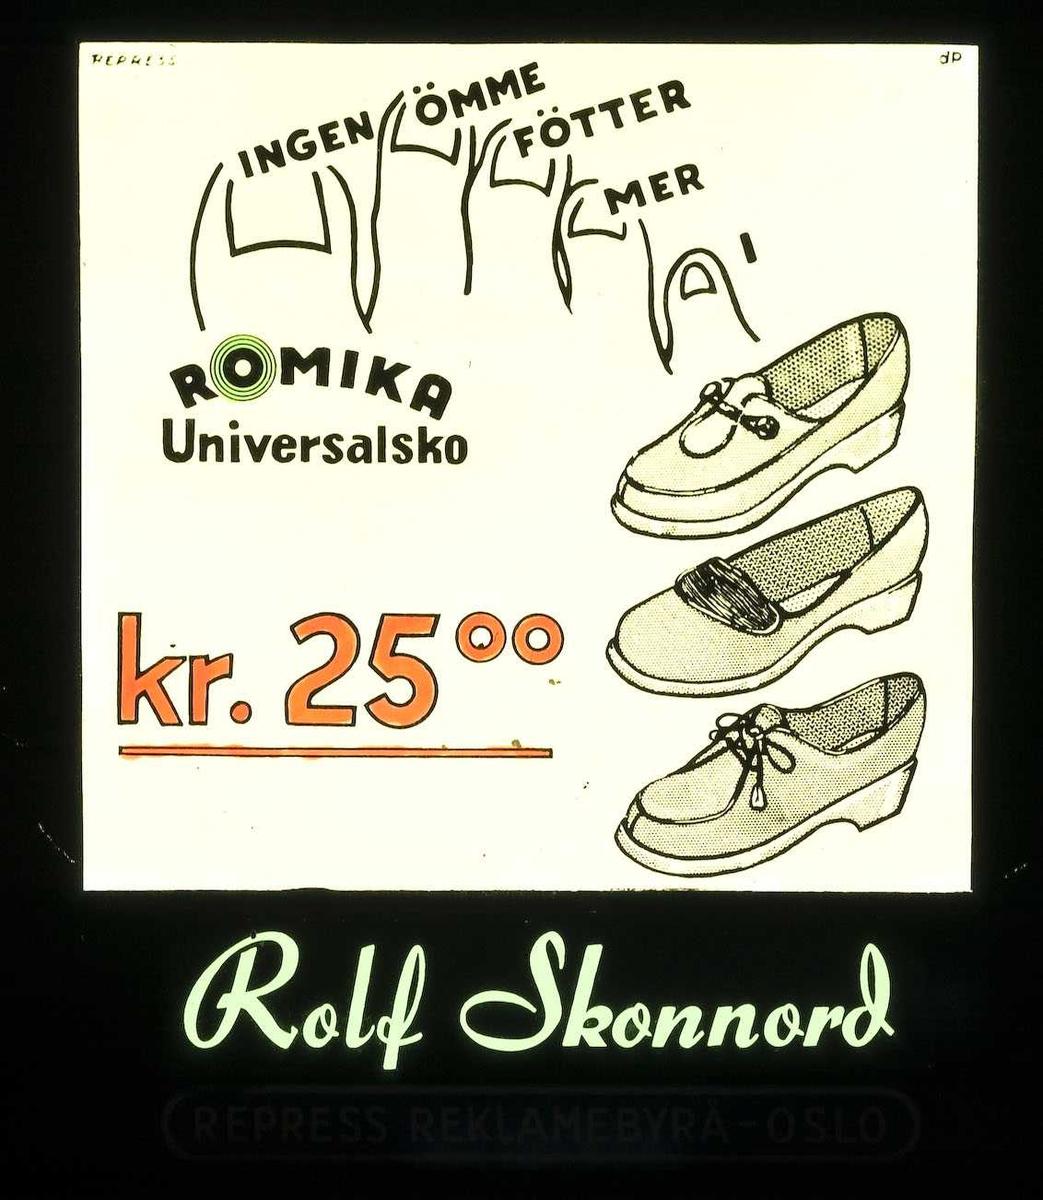 Kinoreklame fra Ski. Ingen ømme føtter mer. Romika Universalsko kr. 25.00. Rolf Skonnord